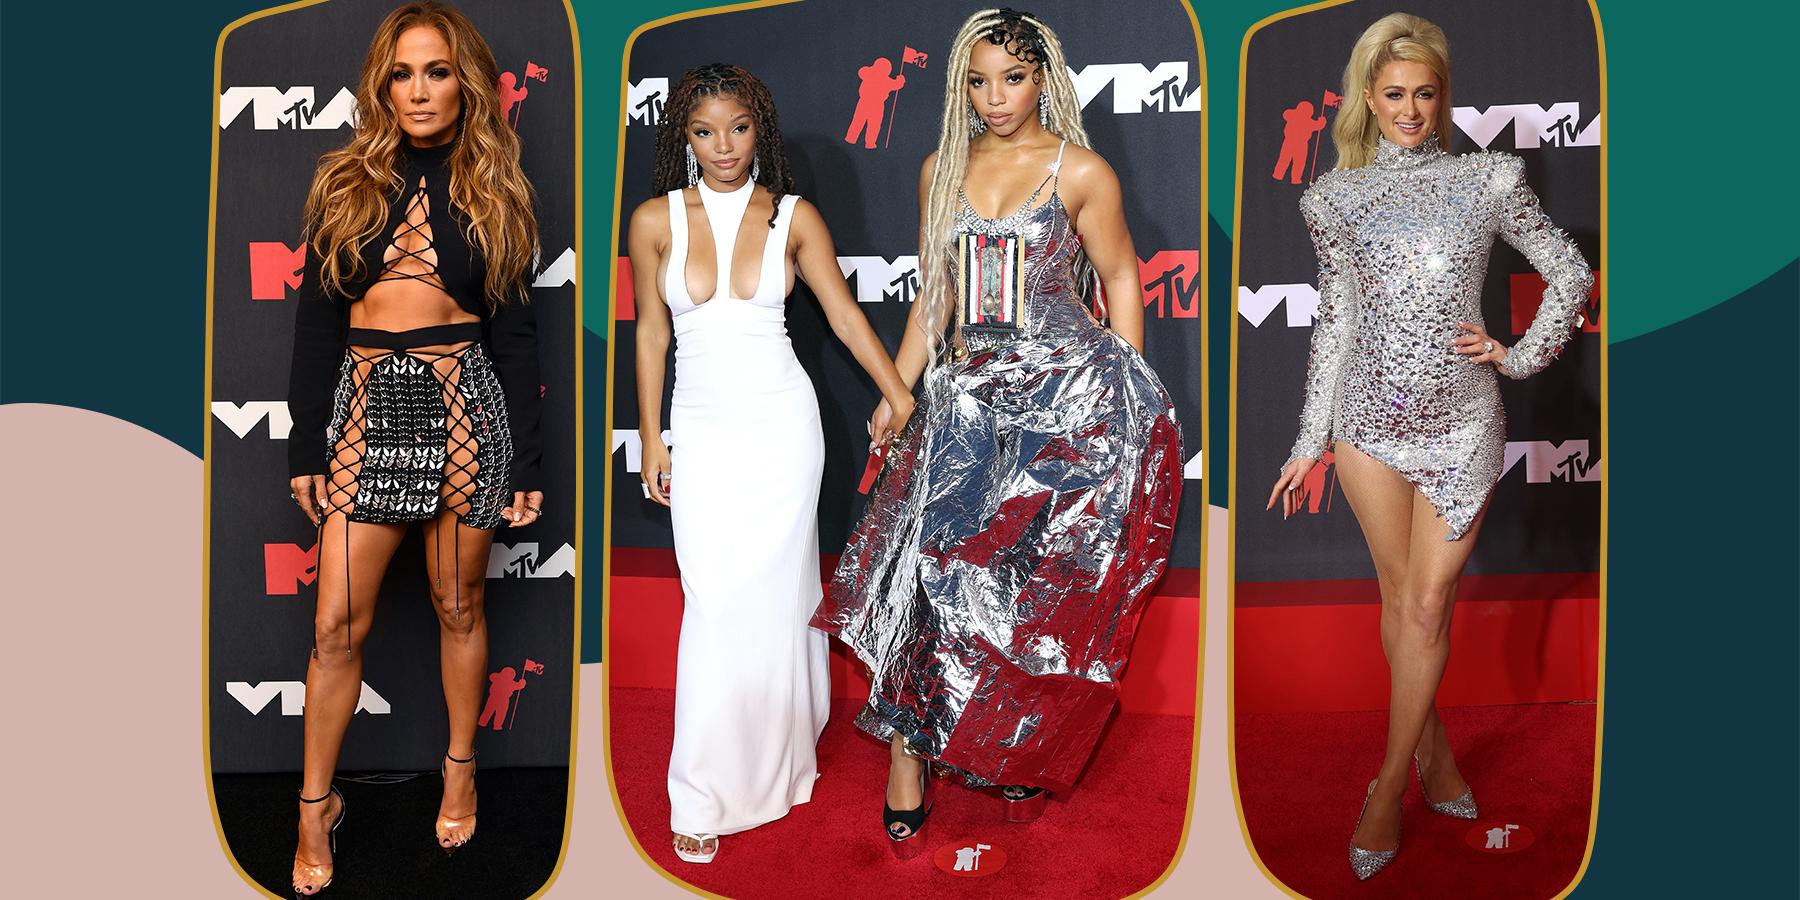 VMAs best dressed